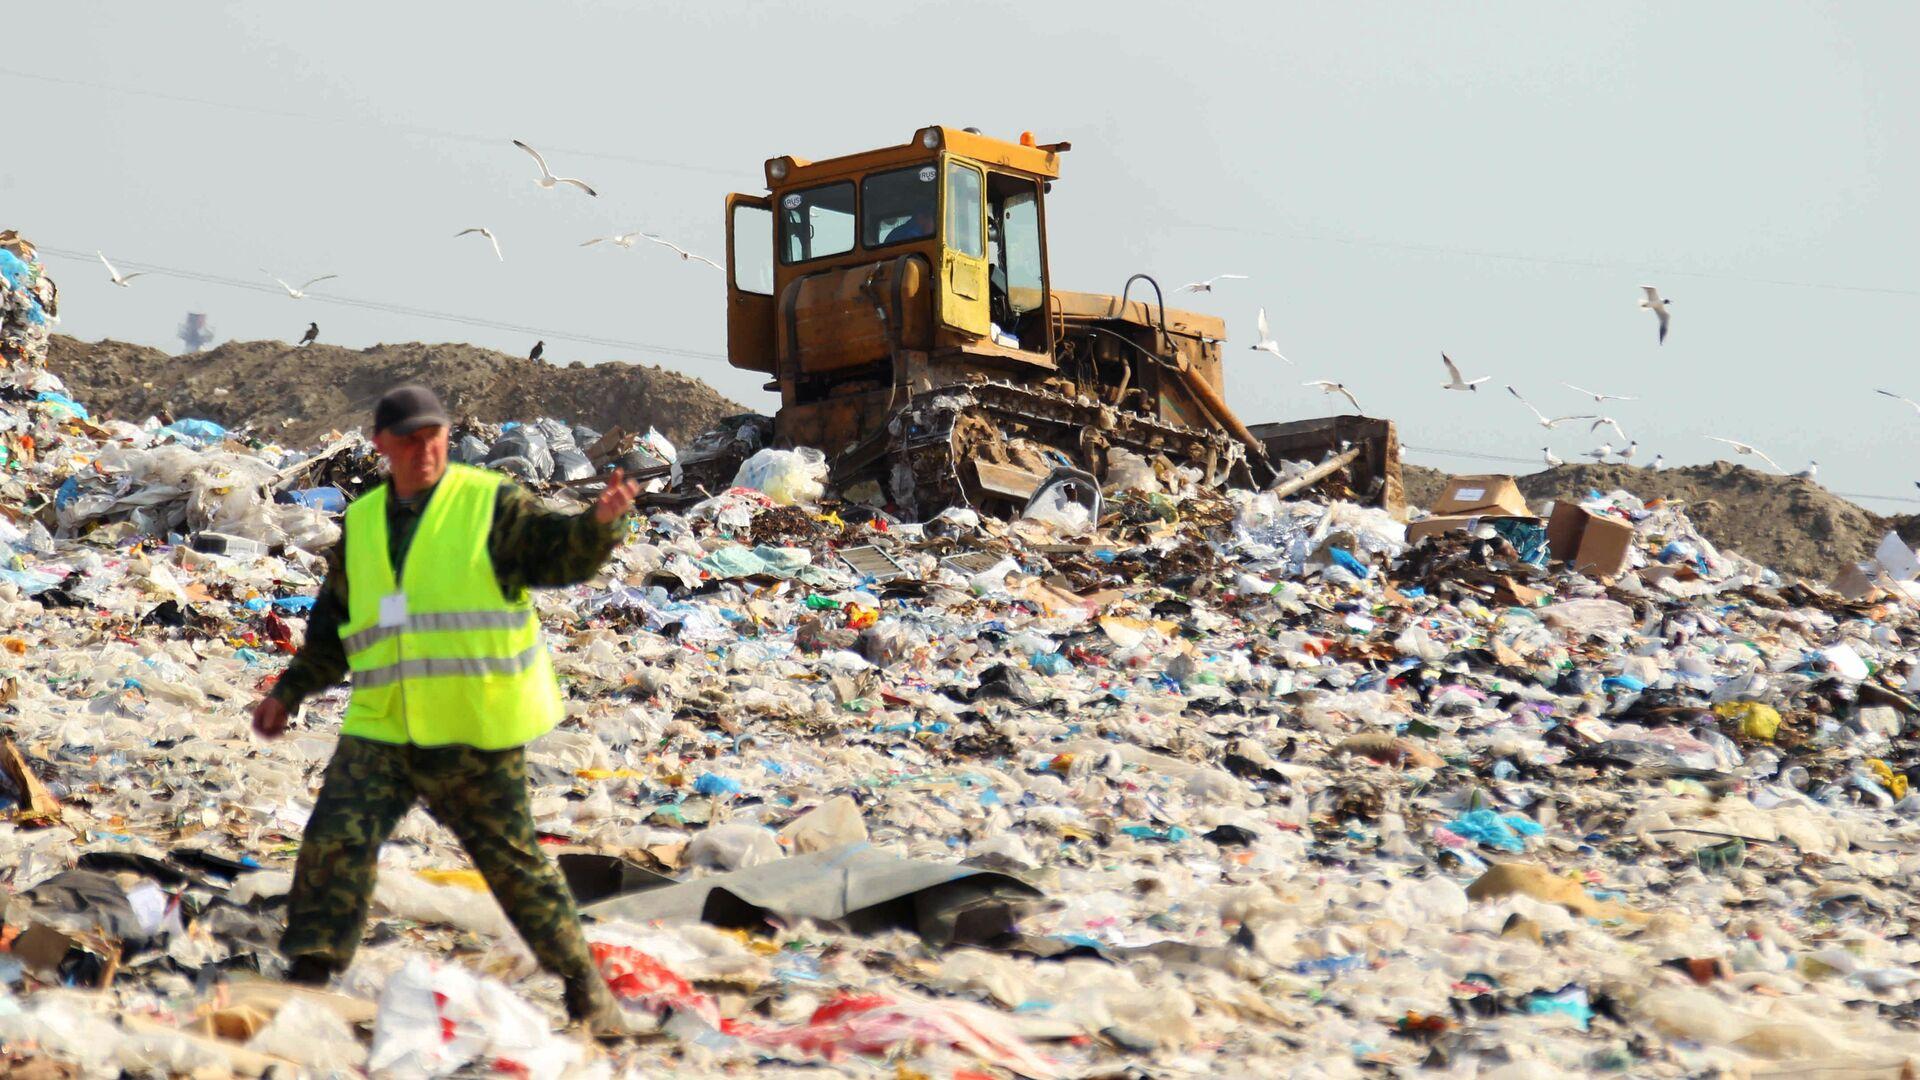 Уничтожение твердо-бытовых отходов (ТБО) - РИА Новости, 1920, 17.09.2021